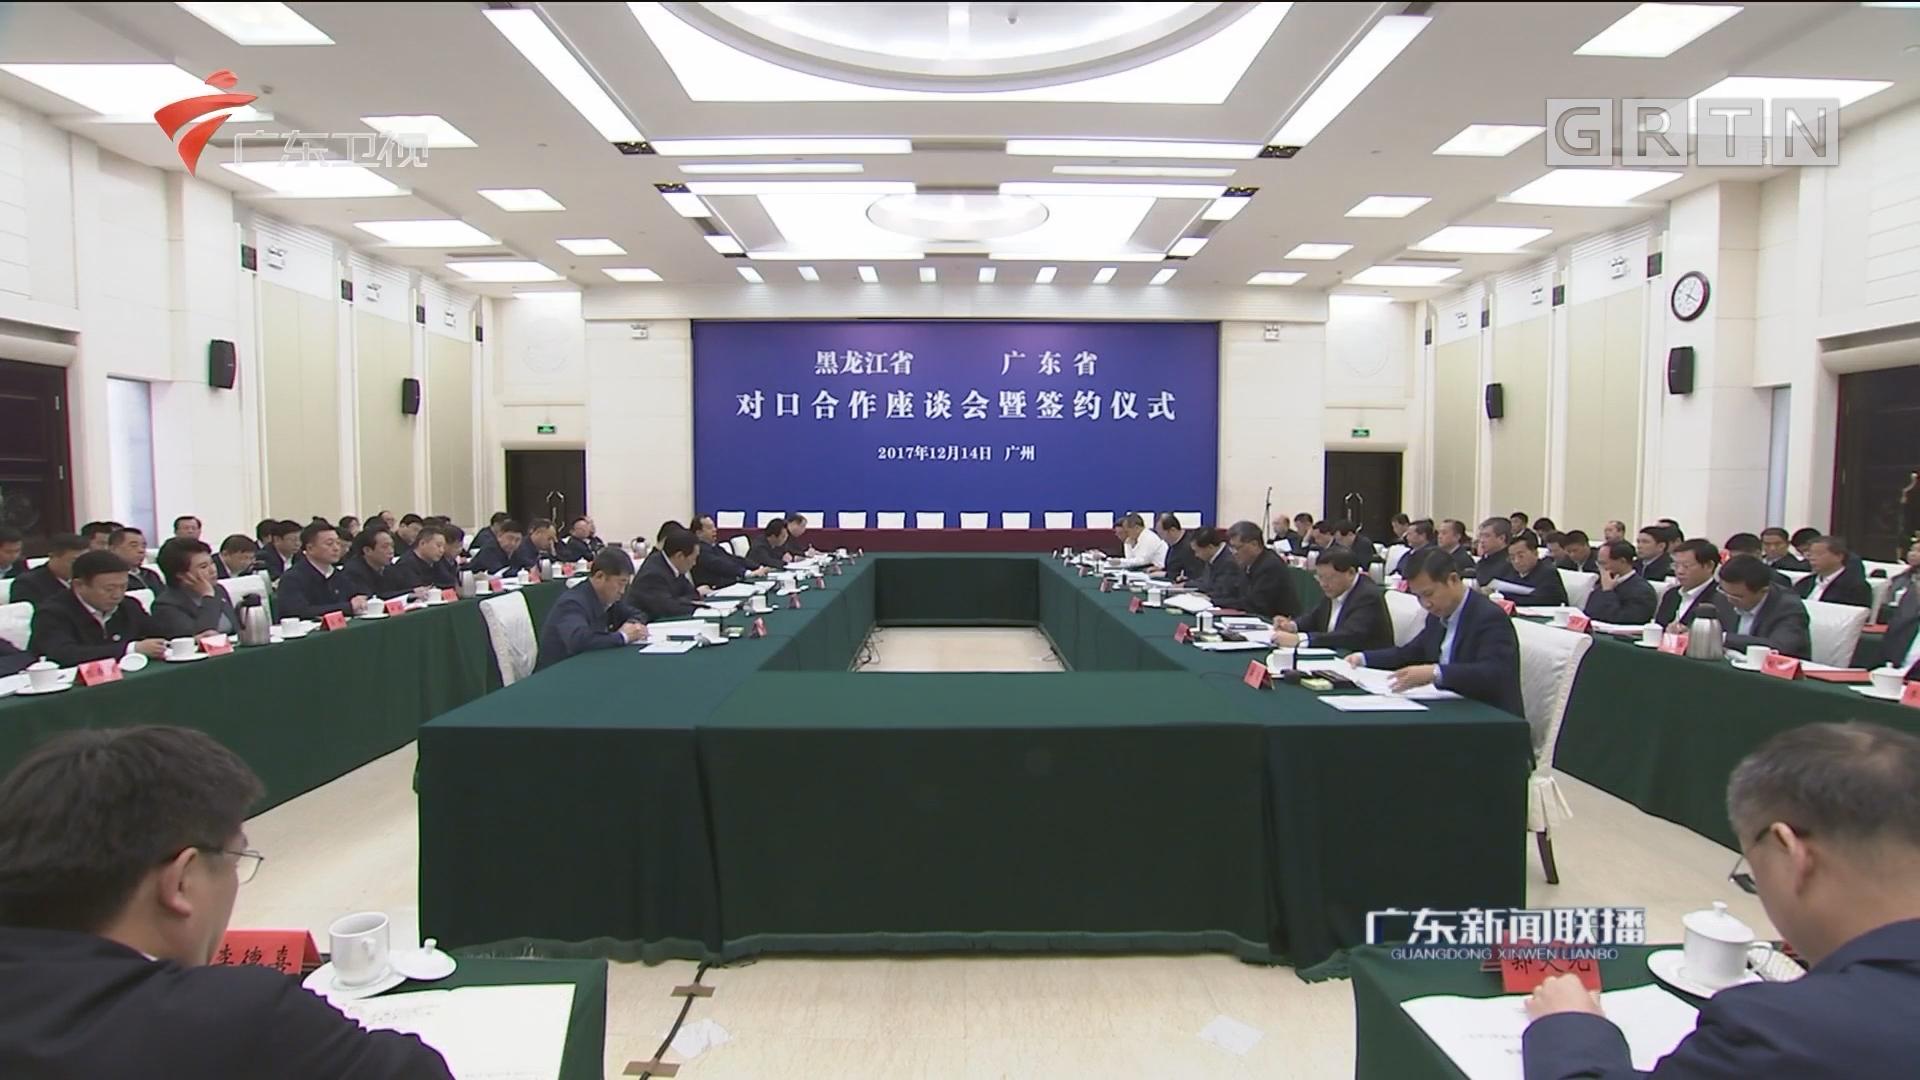 黑龙江·广东对口合作座谈会在广州召开 深入贯彻落实党的十九大精神 全力完成好对口合作重大任务